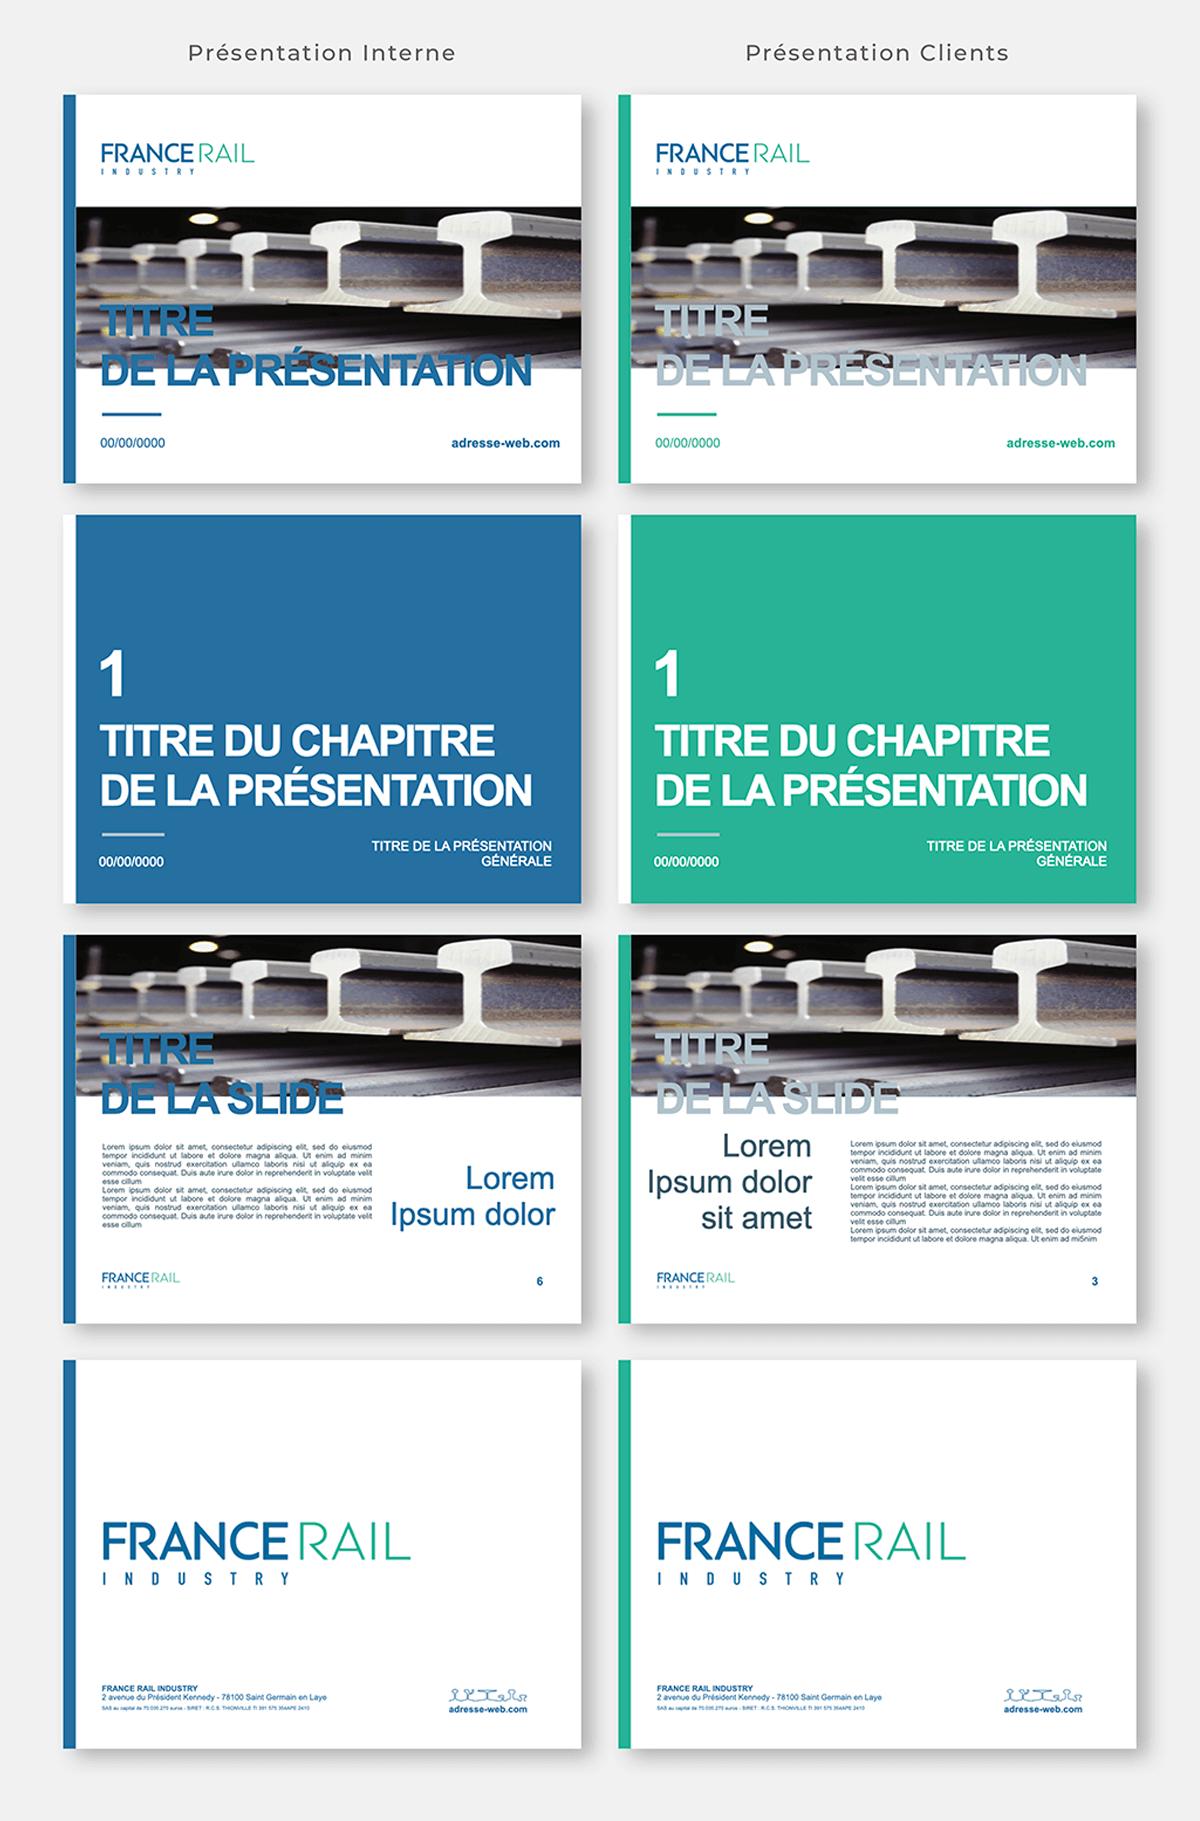 visuel de la présentation Powerpoint de France Rail Industry réalisée par Laurent Agier, agence de communication à Toulon